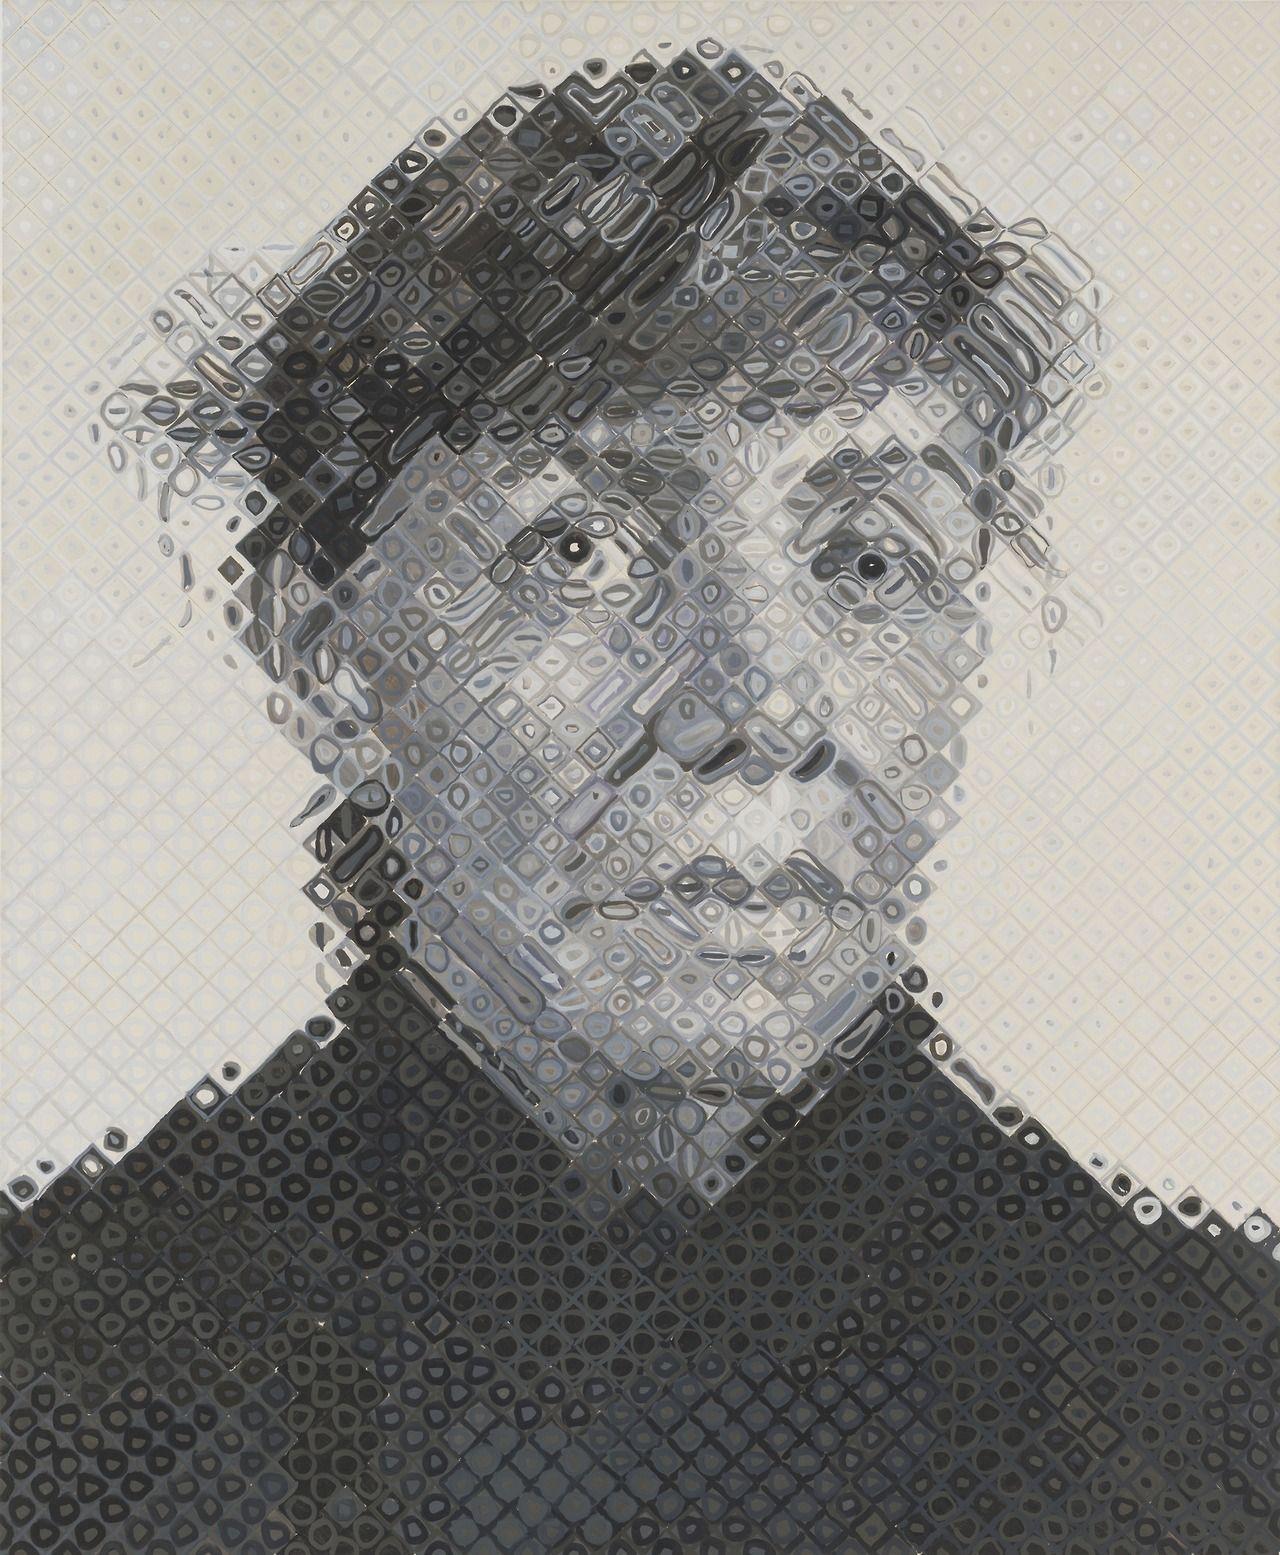 Chuck Close - Dorothea, 1995.